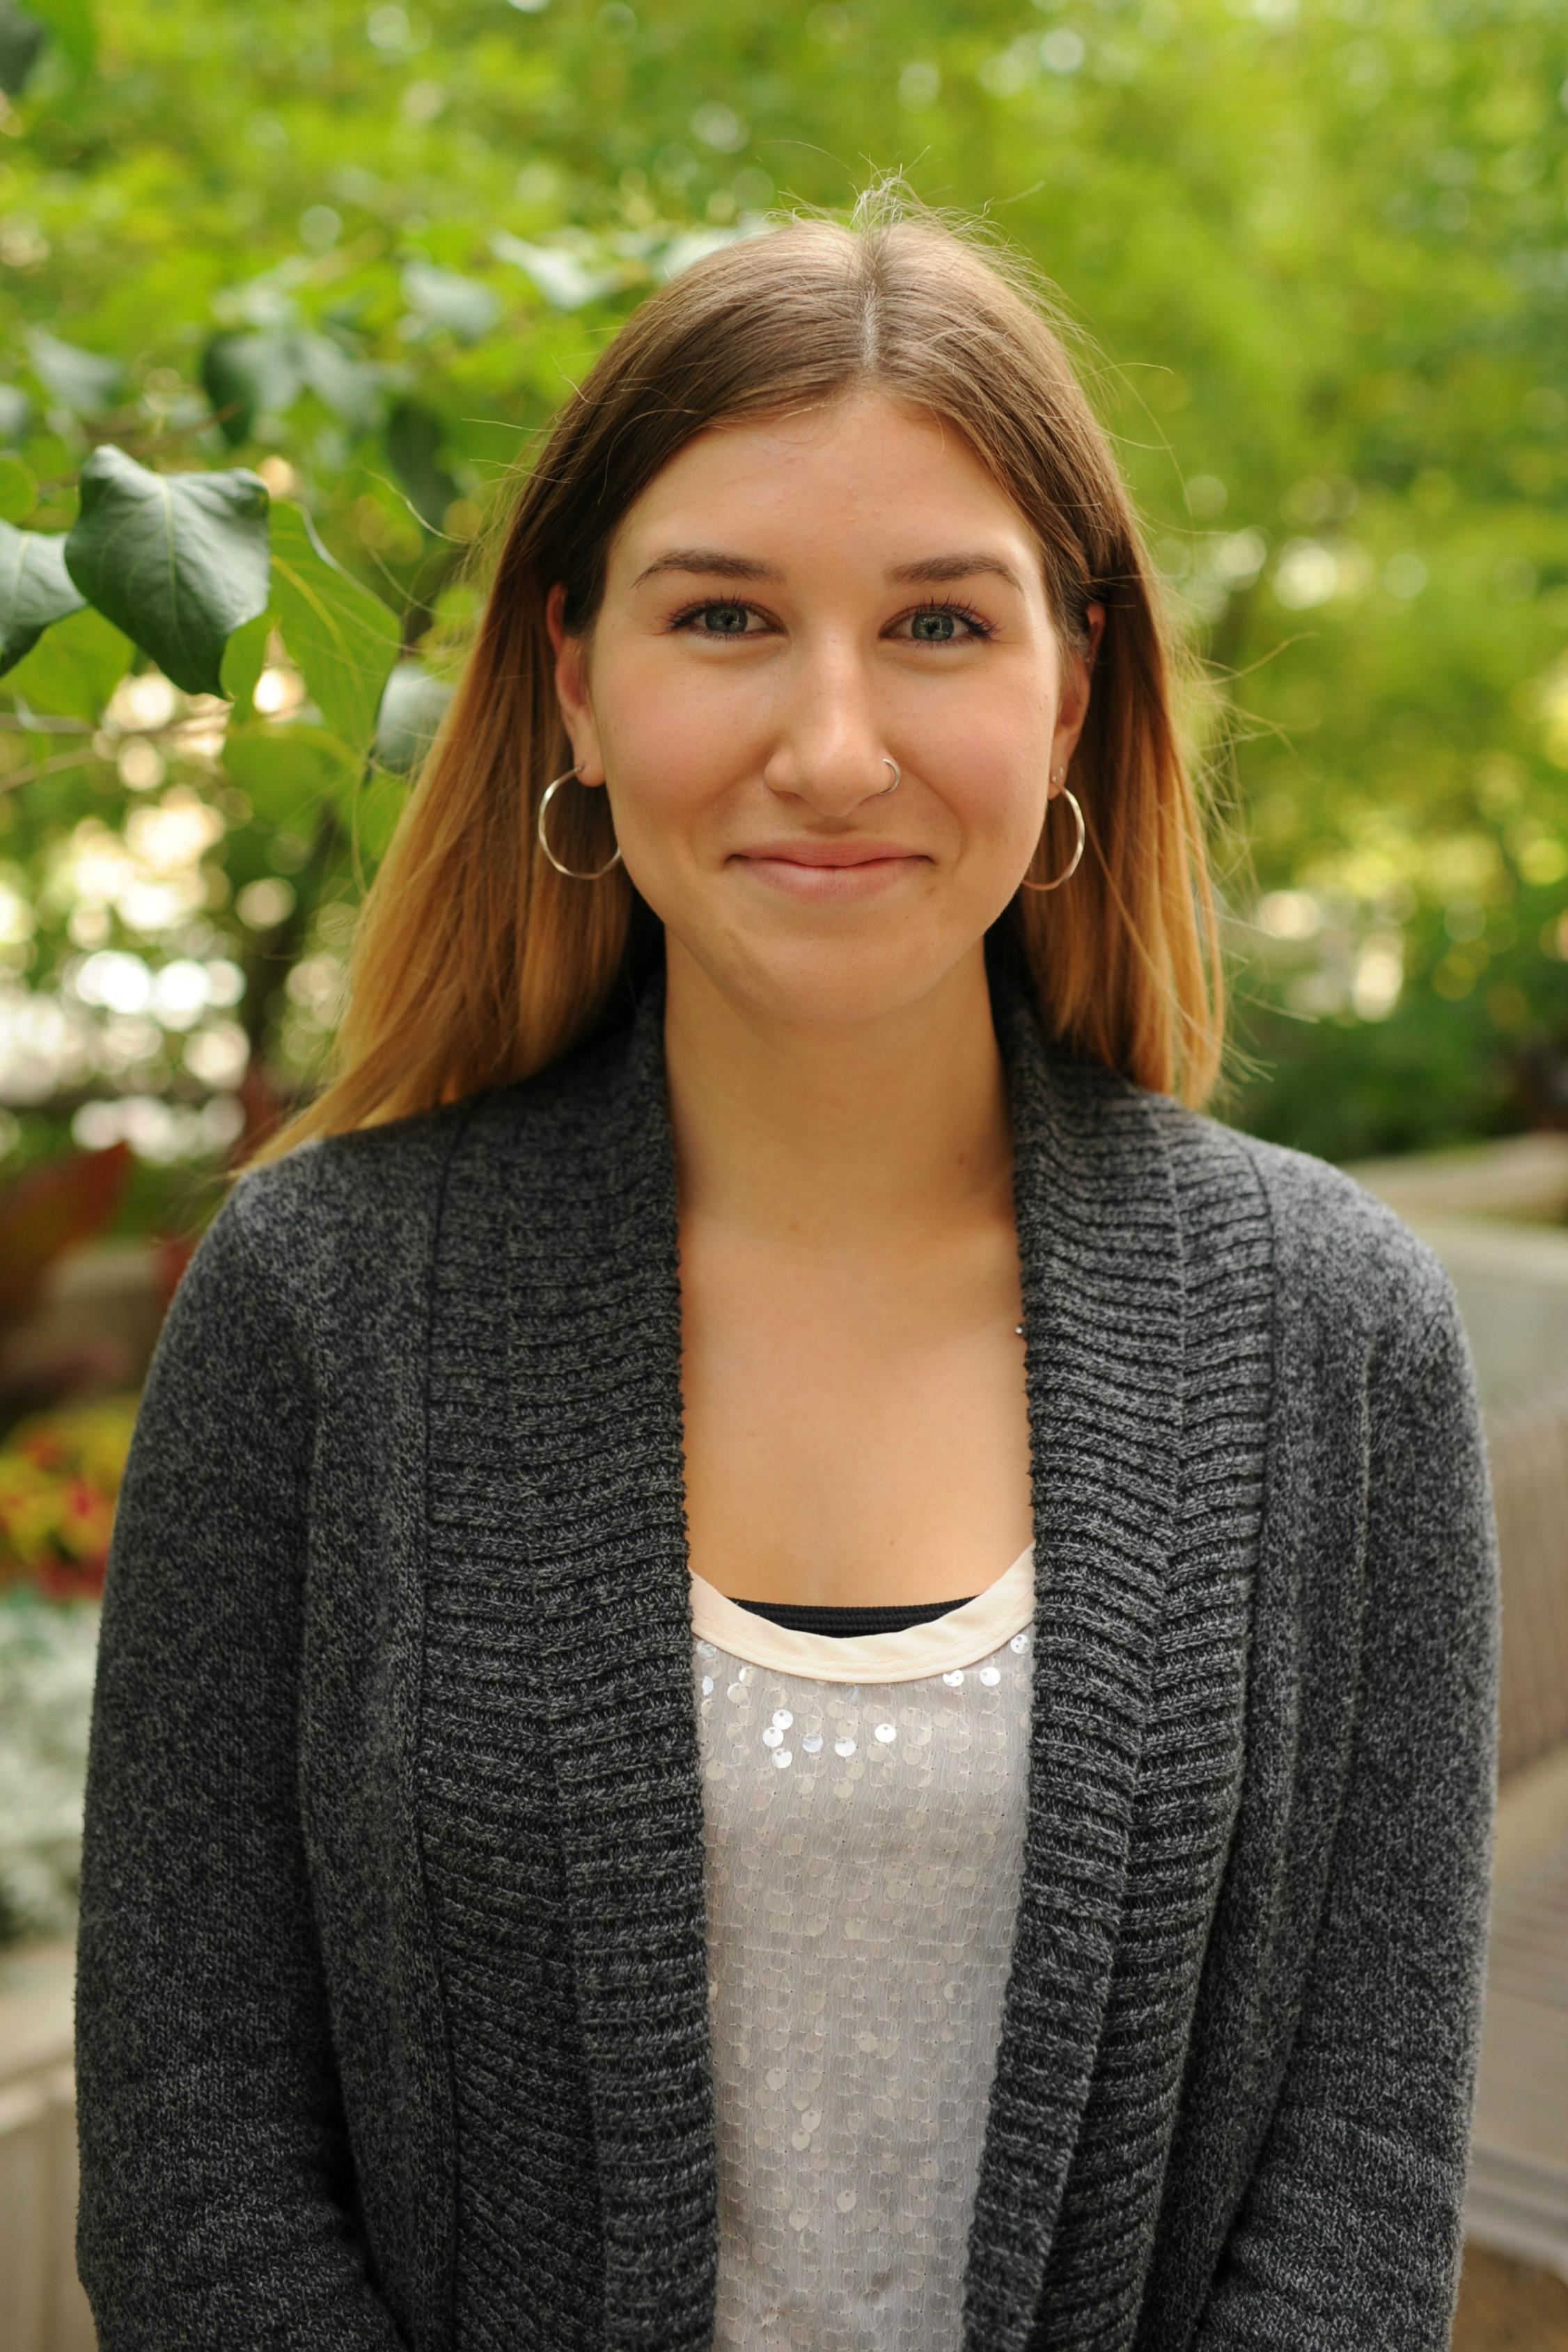 Katherine Kenyon